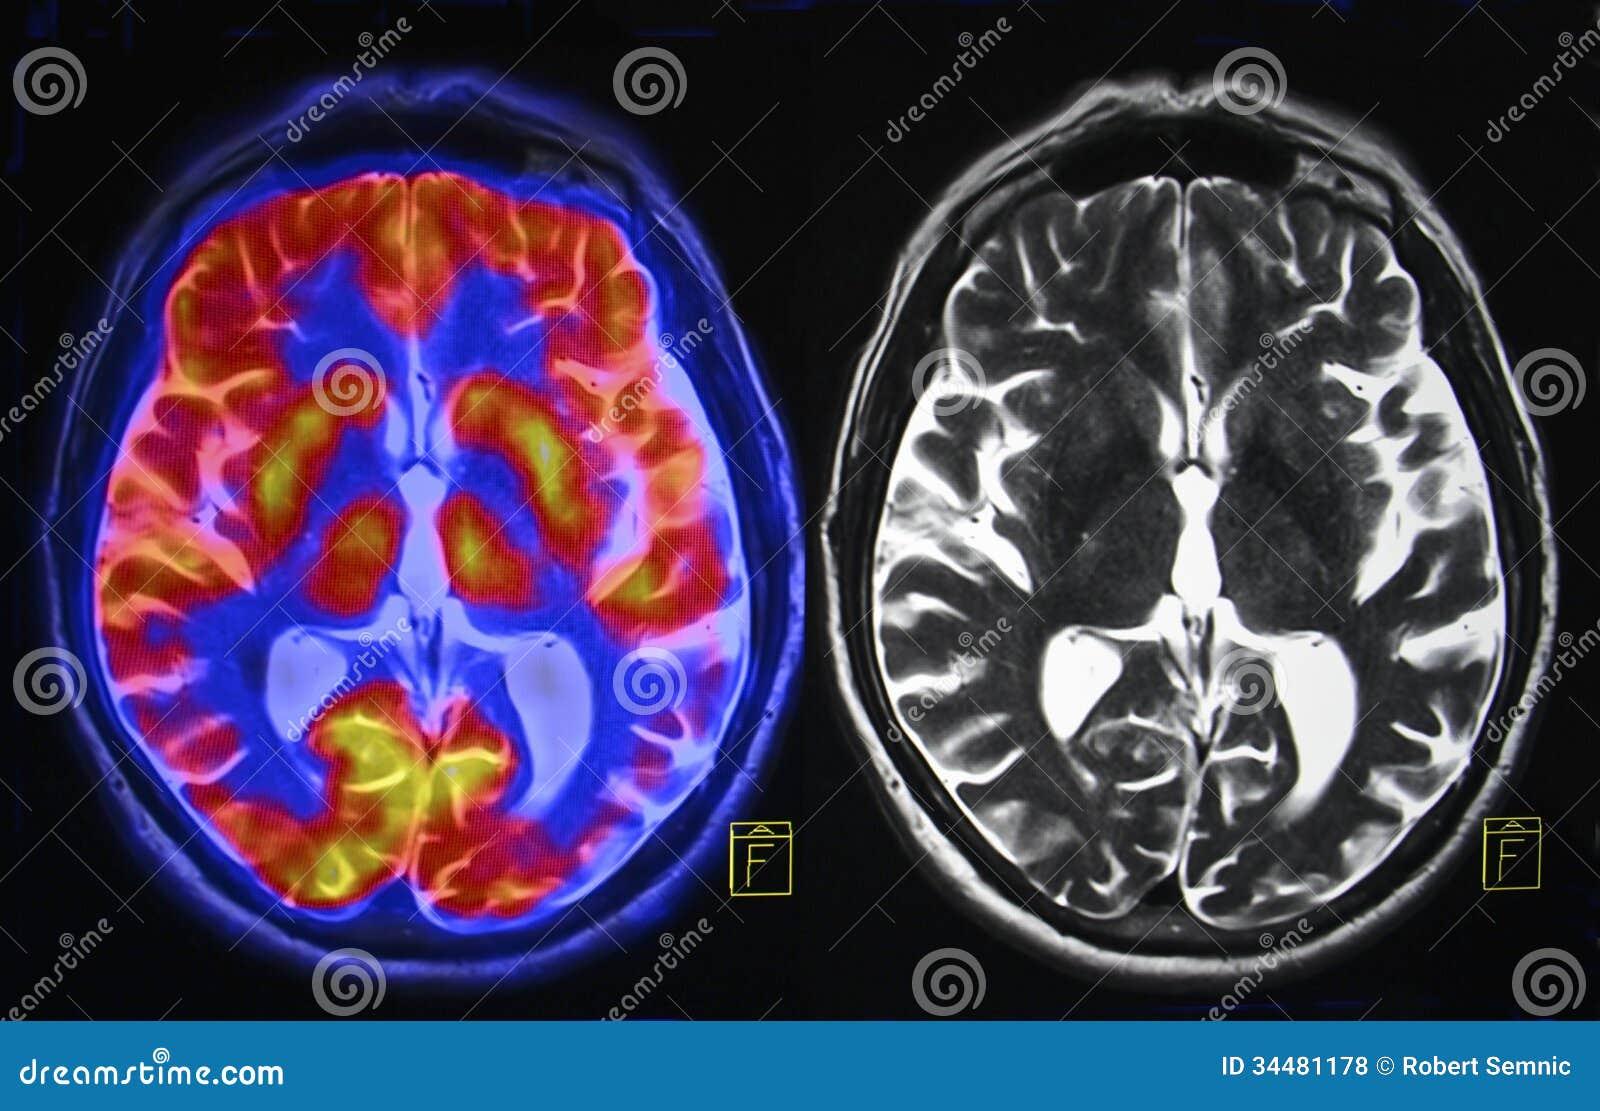 Ανίχνευση εγκεφάλου